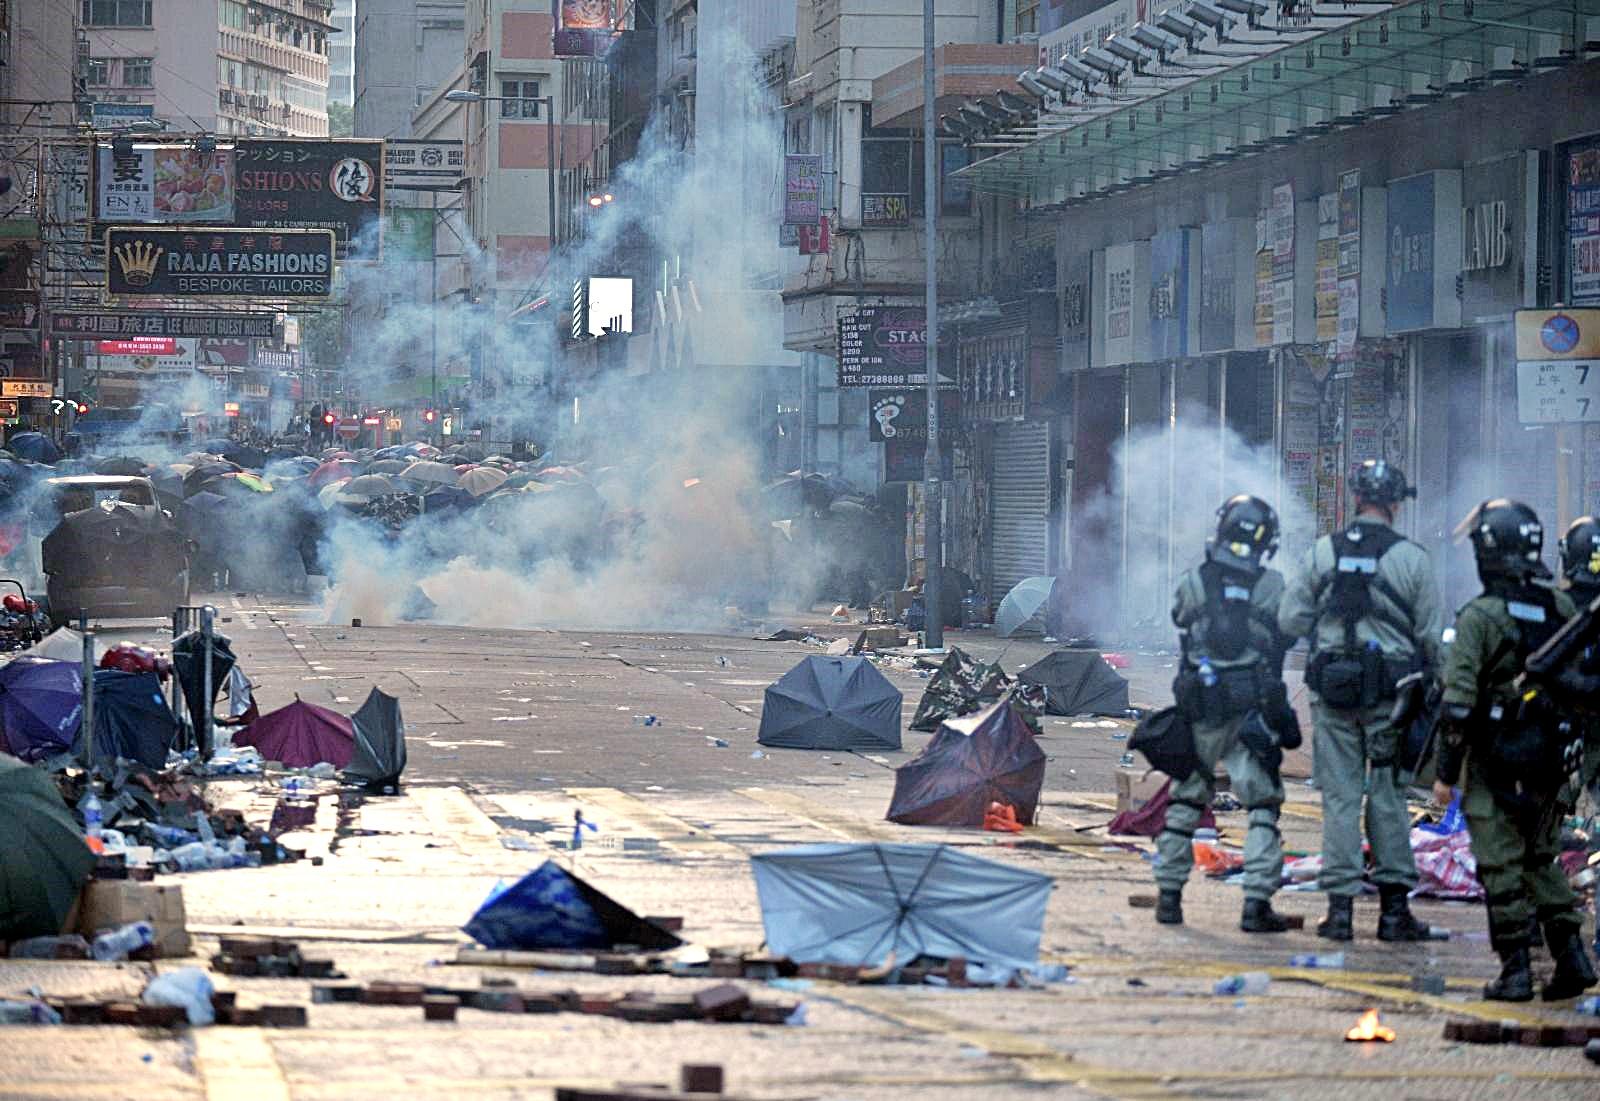 【修例風波】外交部:14億中國人期待香港止暴制亂 維護繁榮穩定